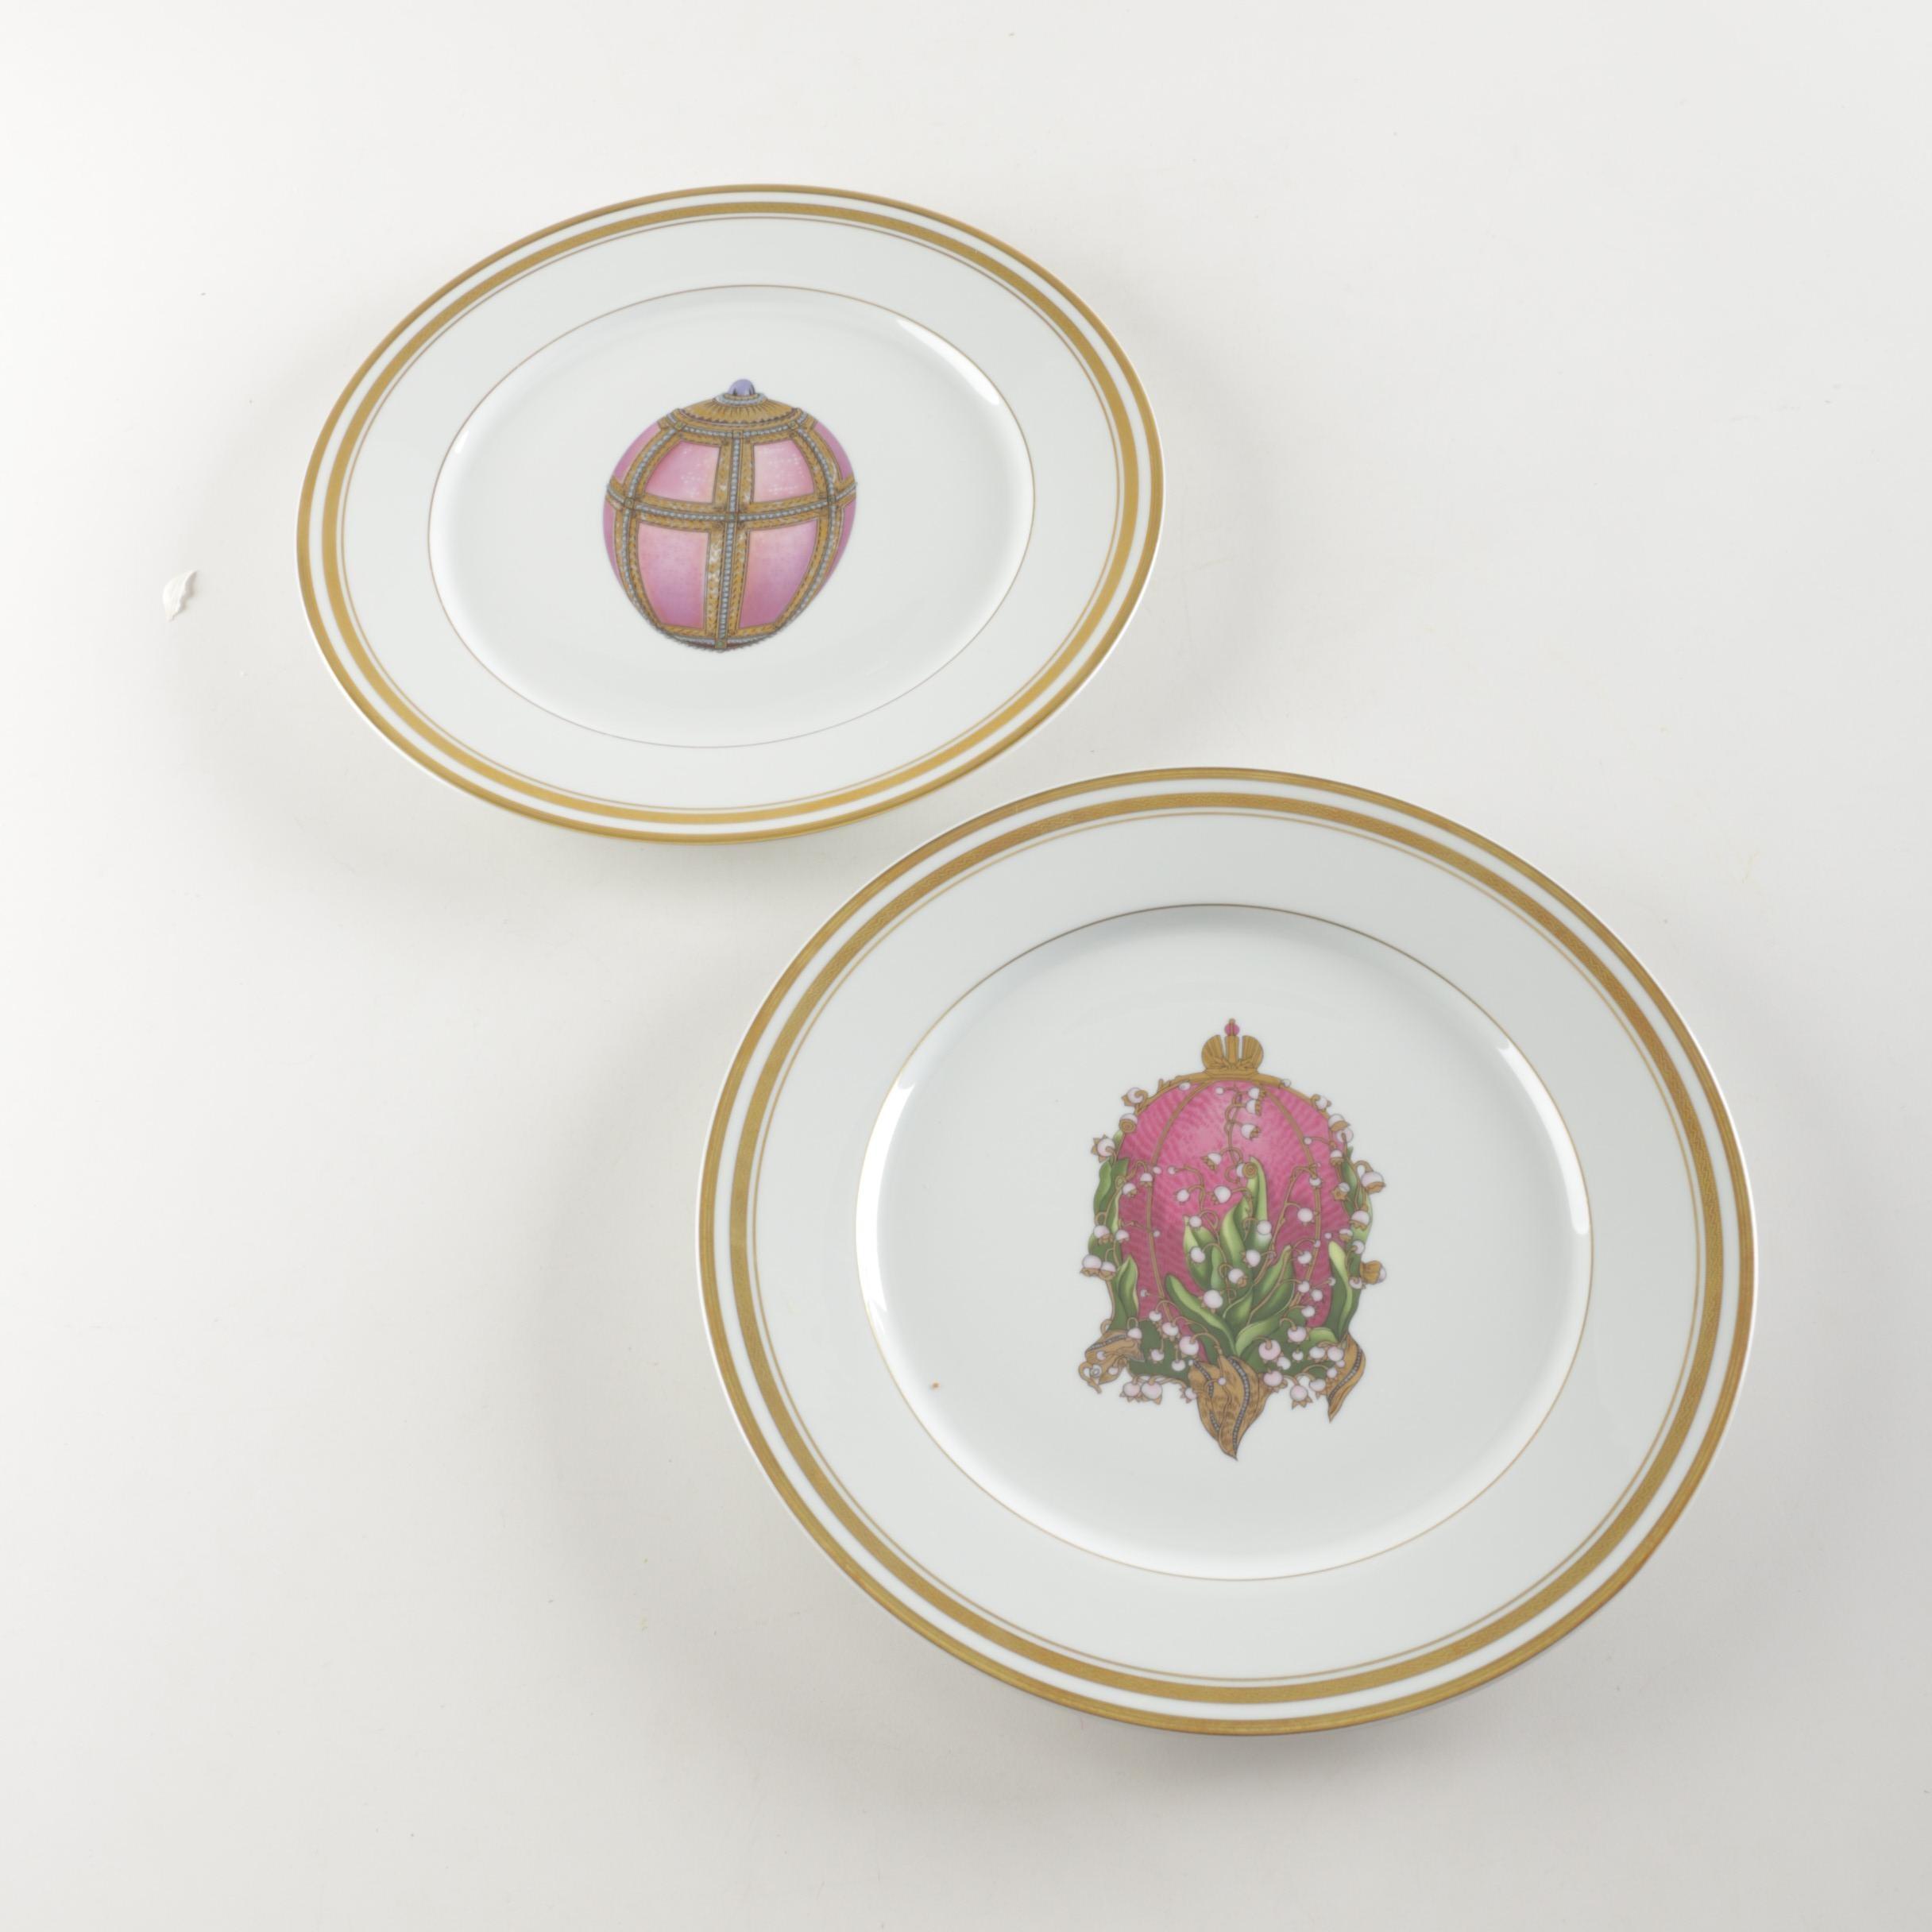 """Fabergé """"Imperial Egg Collection"""" Porcelain Plates"""